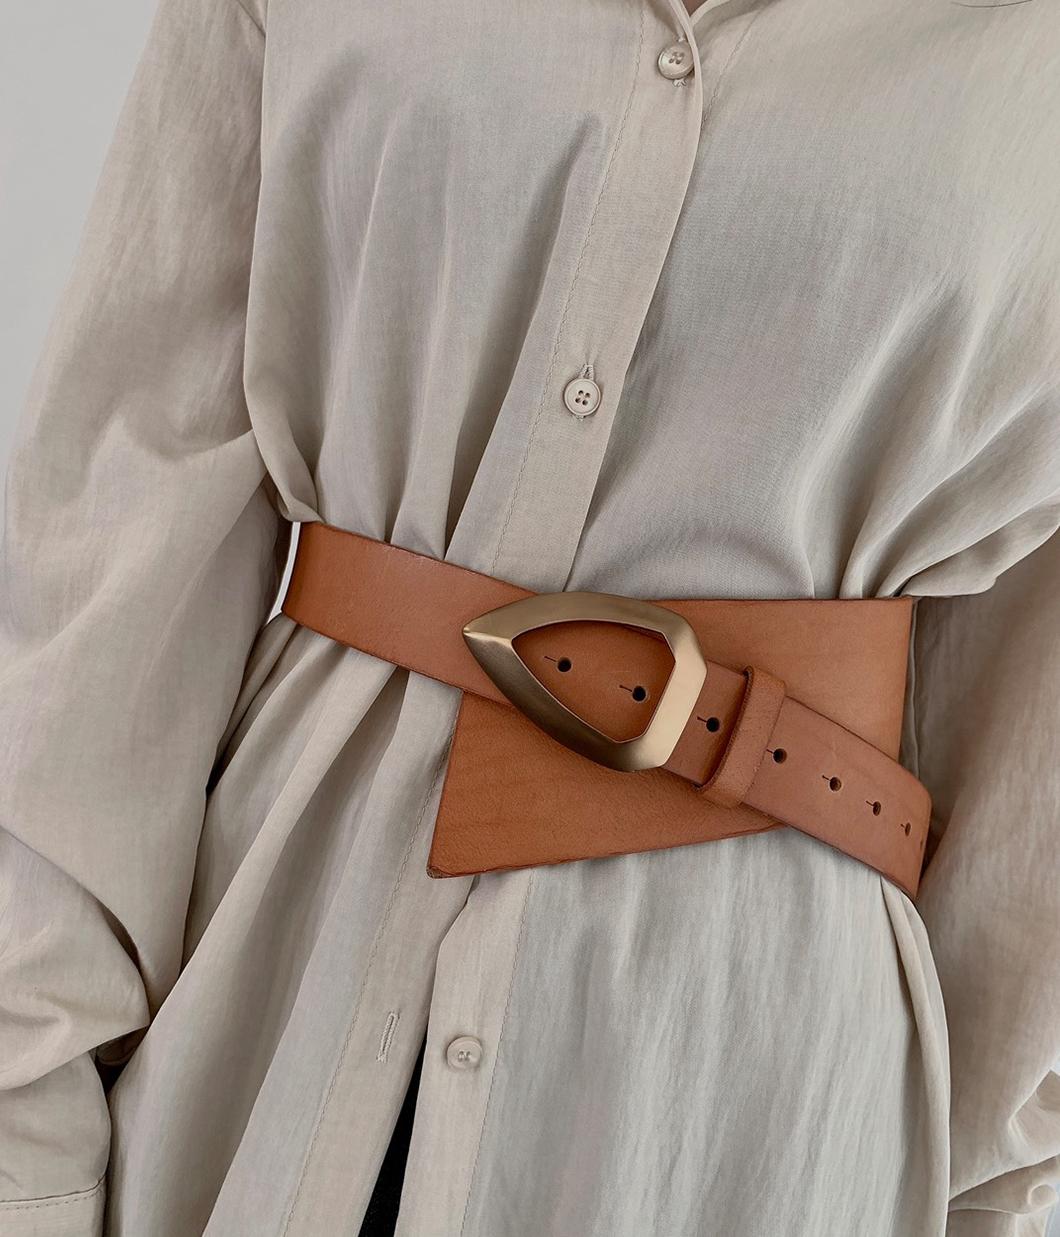 43.質感先加分的霧金扣環寬腰帶